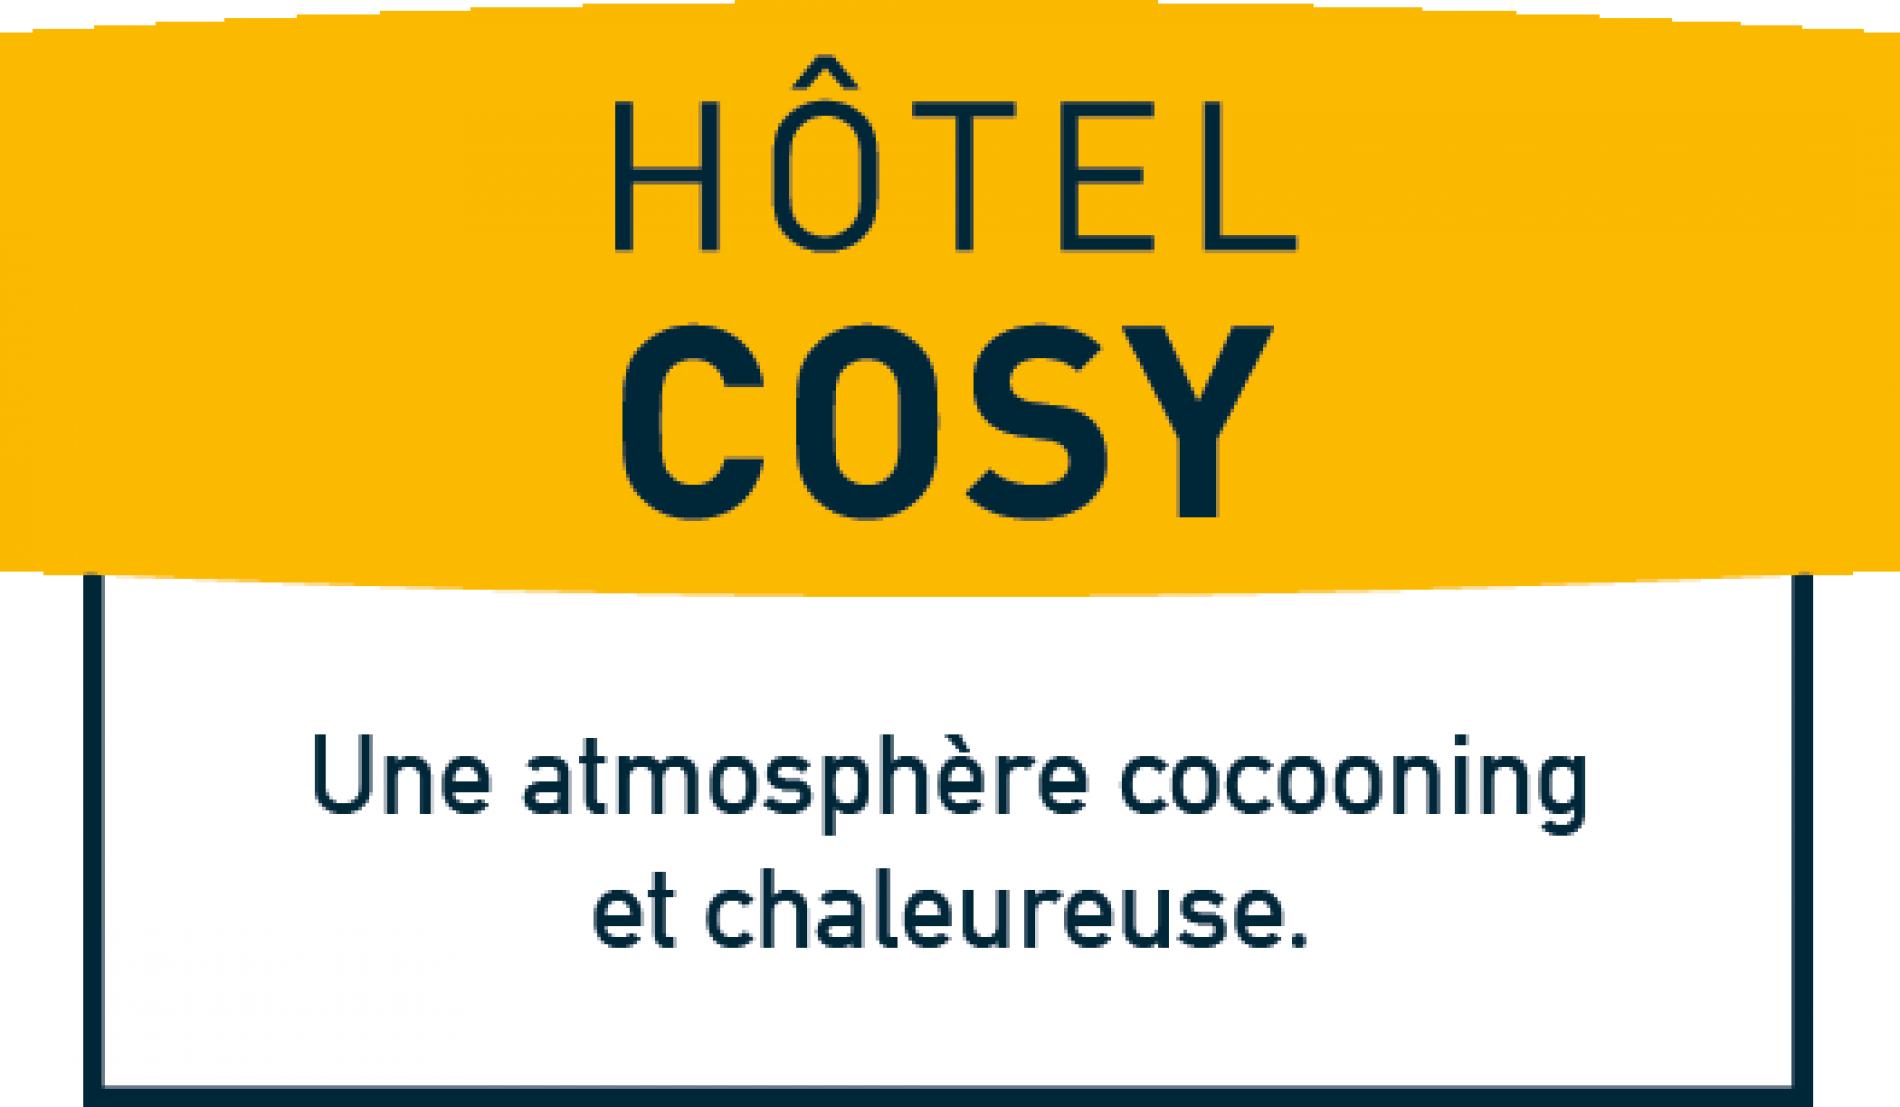 logo Logis Hotel Cosy Le Moulin Cavier à Avrillé Angers